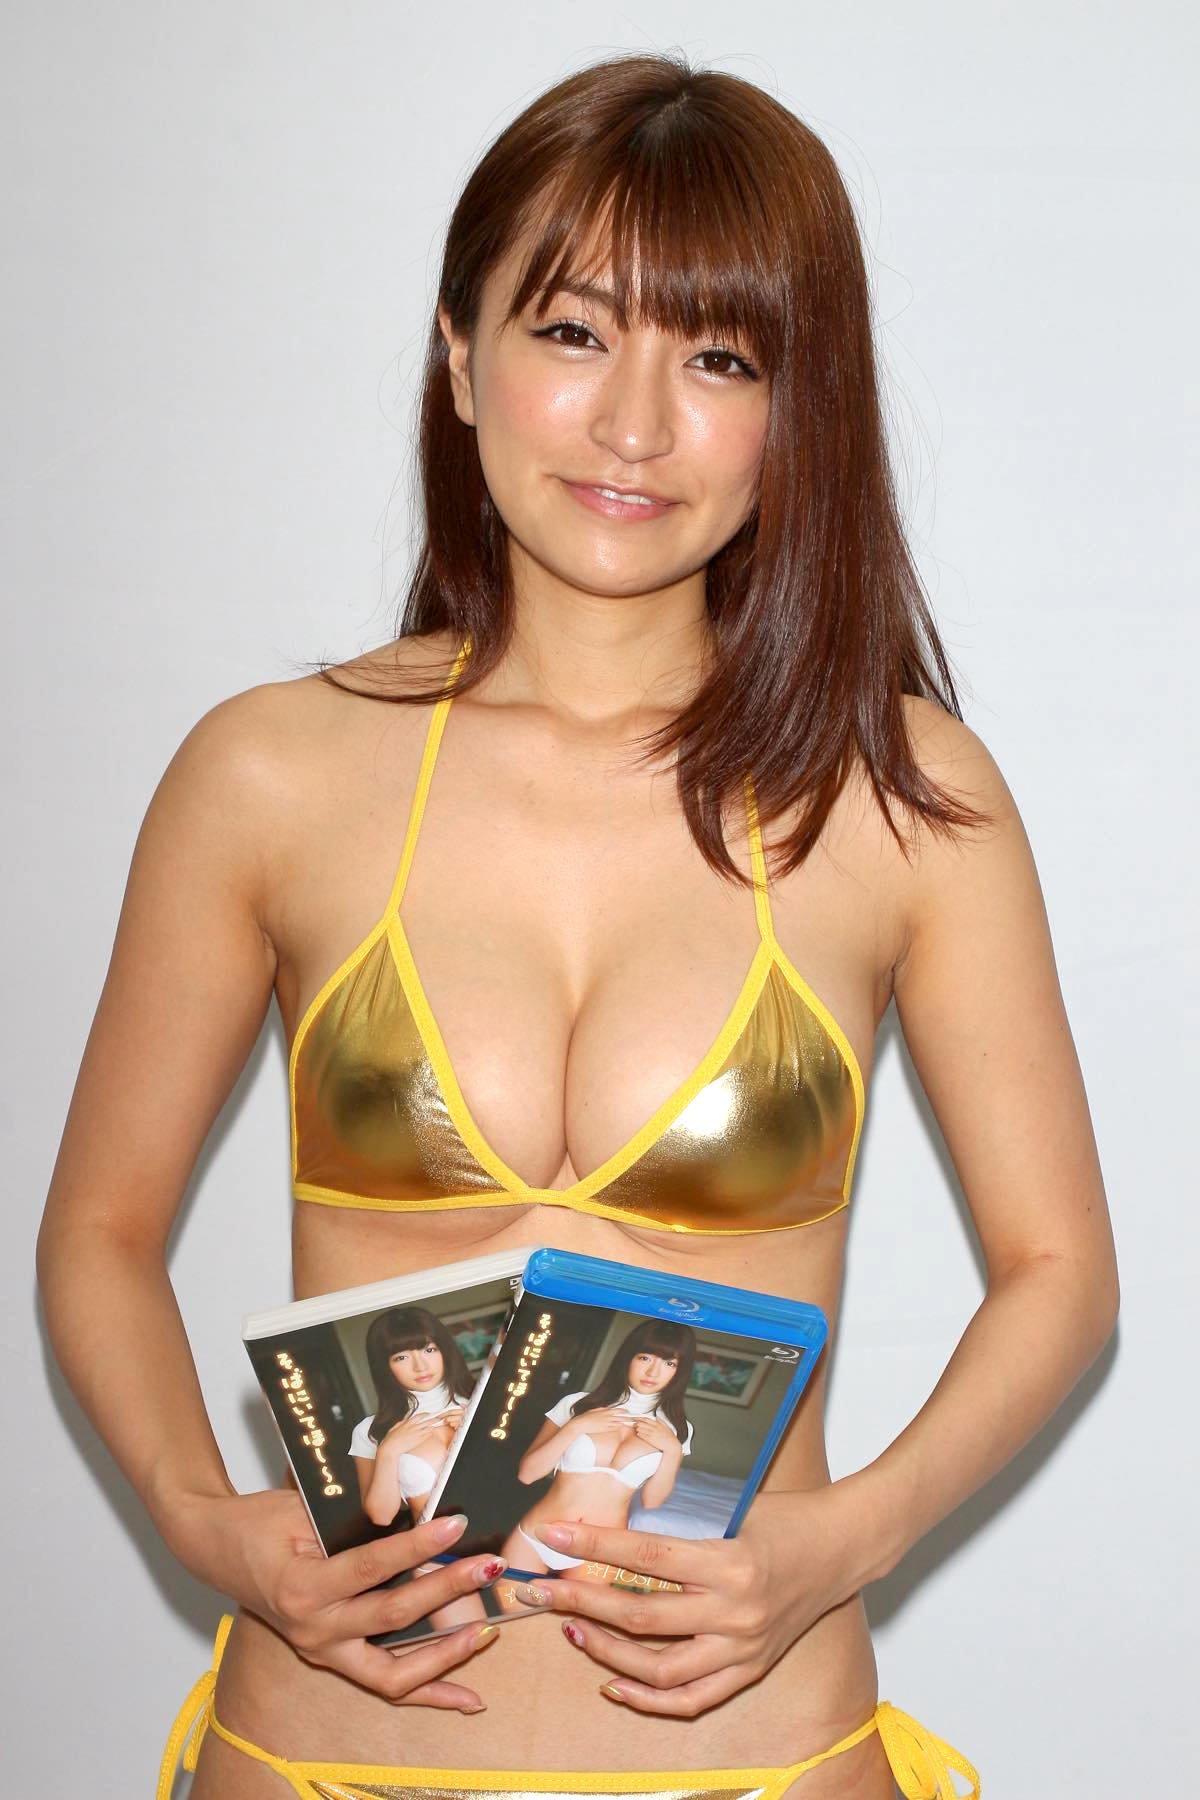 ☆HOSHINO「色気がダダ漏れ」衝撃的セクシーさで攻める!【写真25枚】の画像021